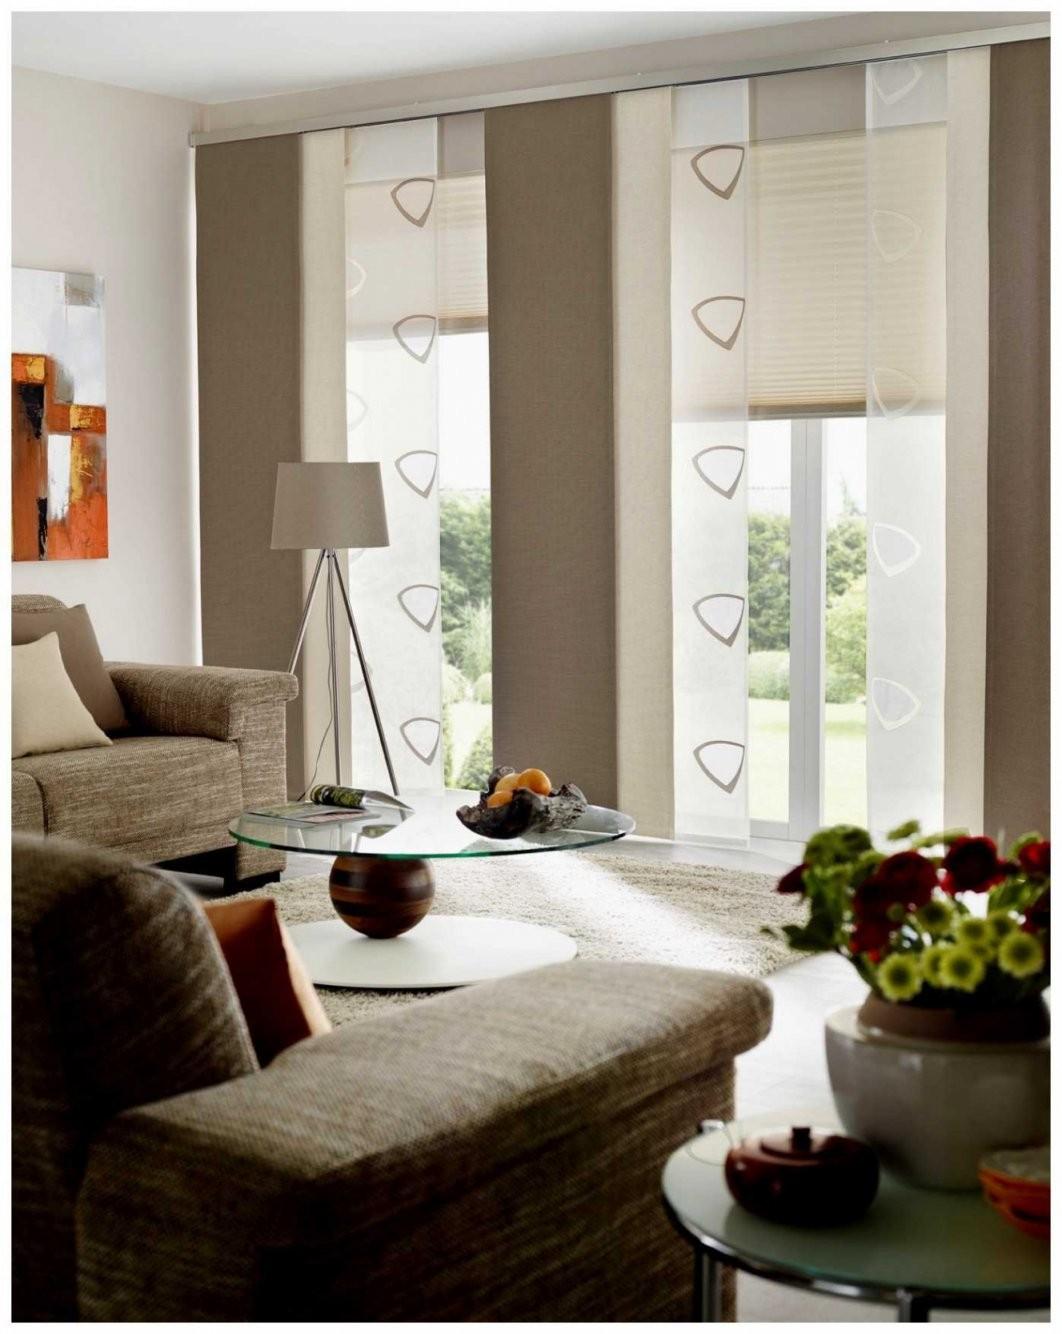 Gardinen Aufhängen Ideen — Temobardz Home Blog von Gardinen Für Wohnzimmer Mit Balkontür Photo